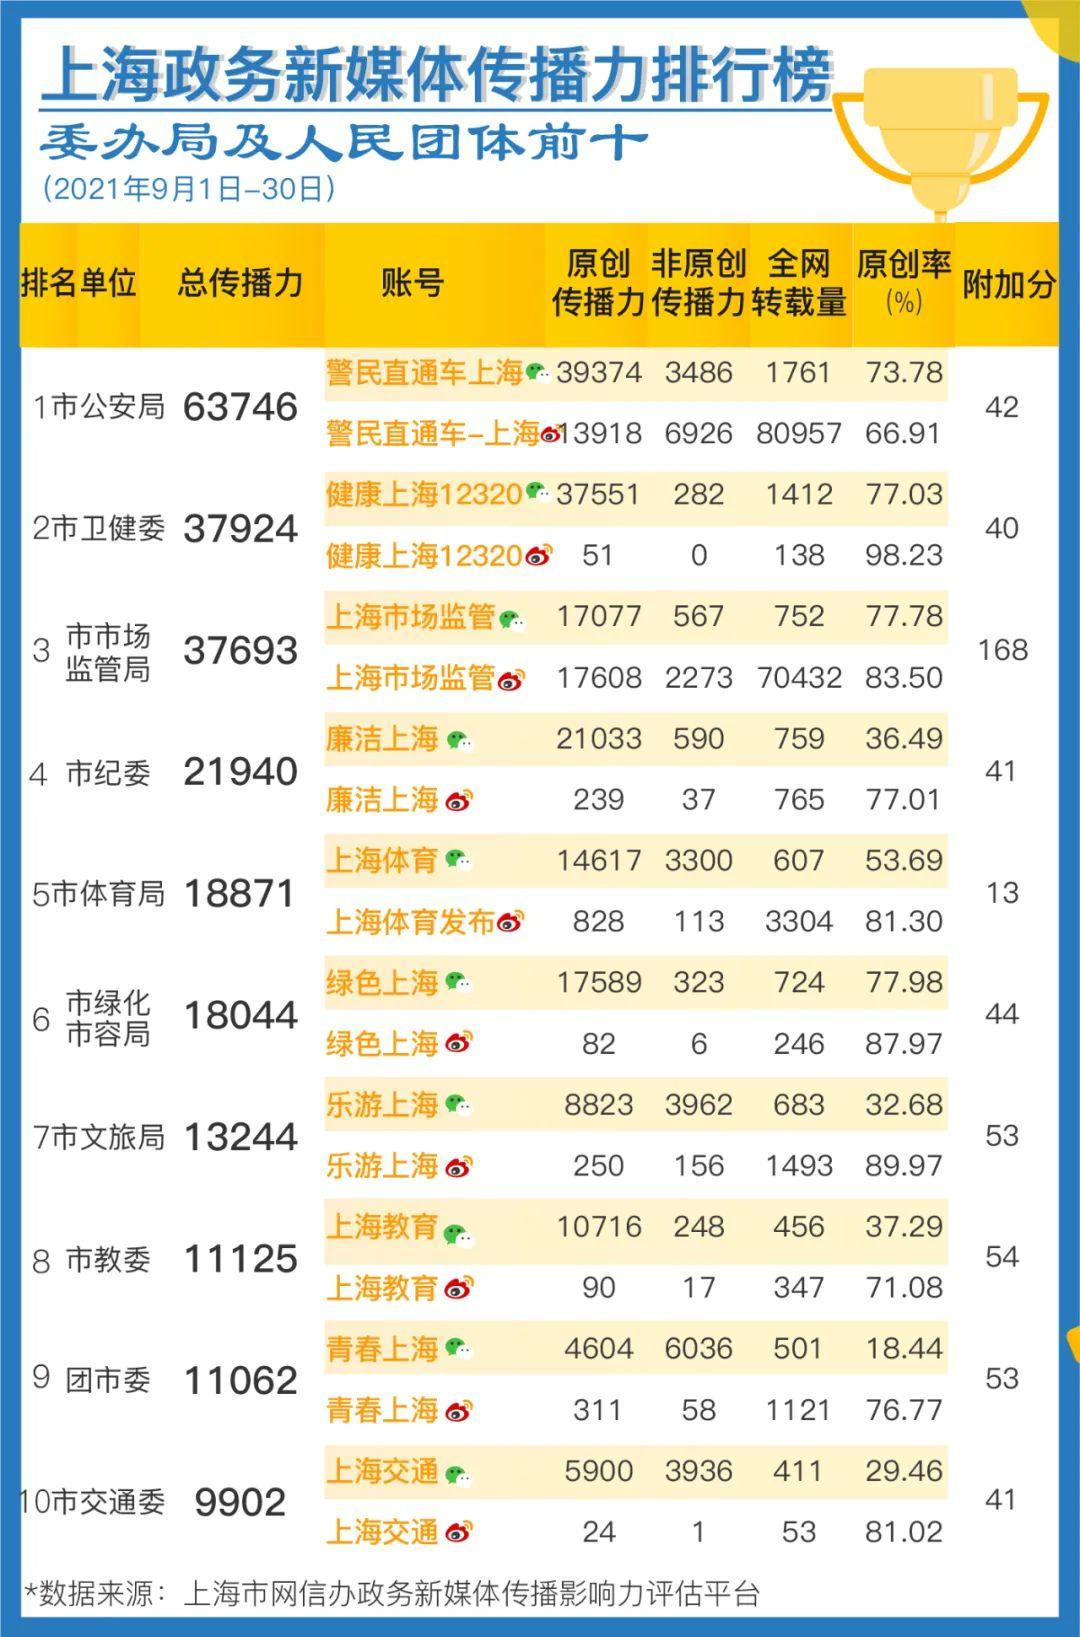 上海政务新媒体9月传播影响力榜单发布-第3张图片-蓝狮娱乐